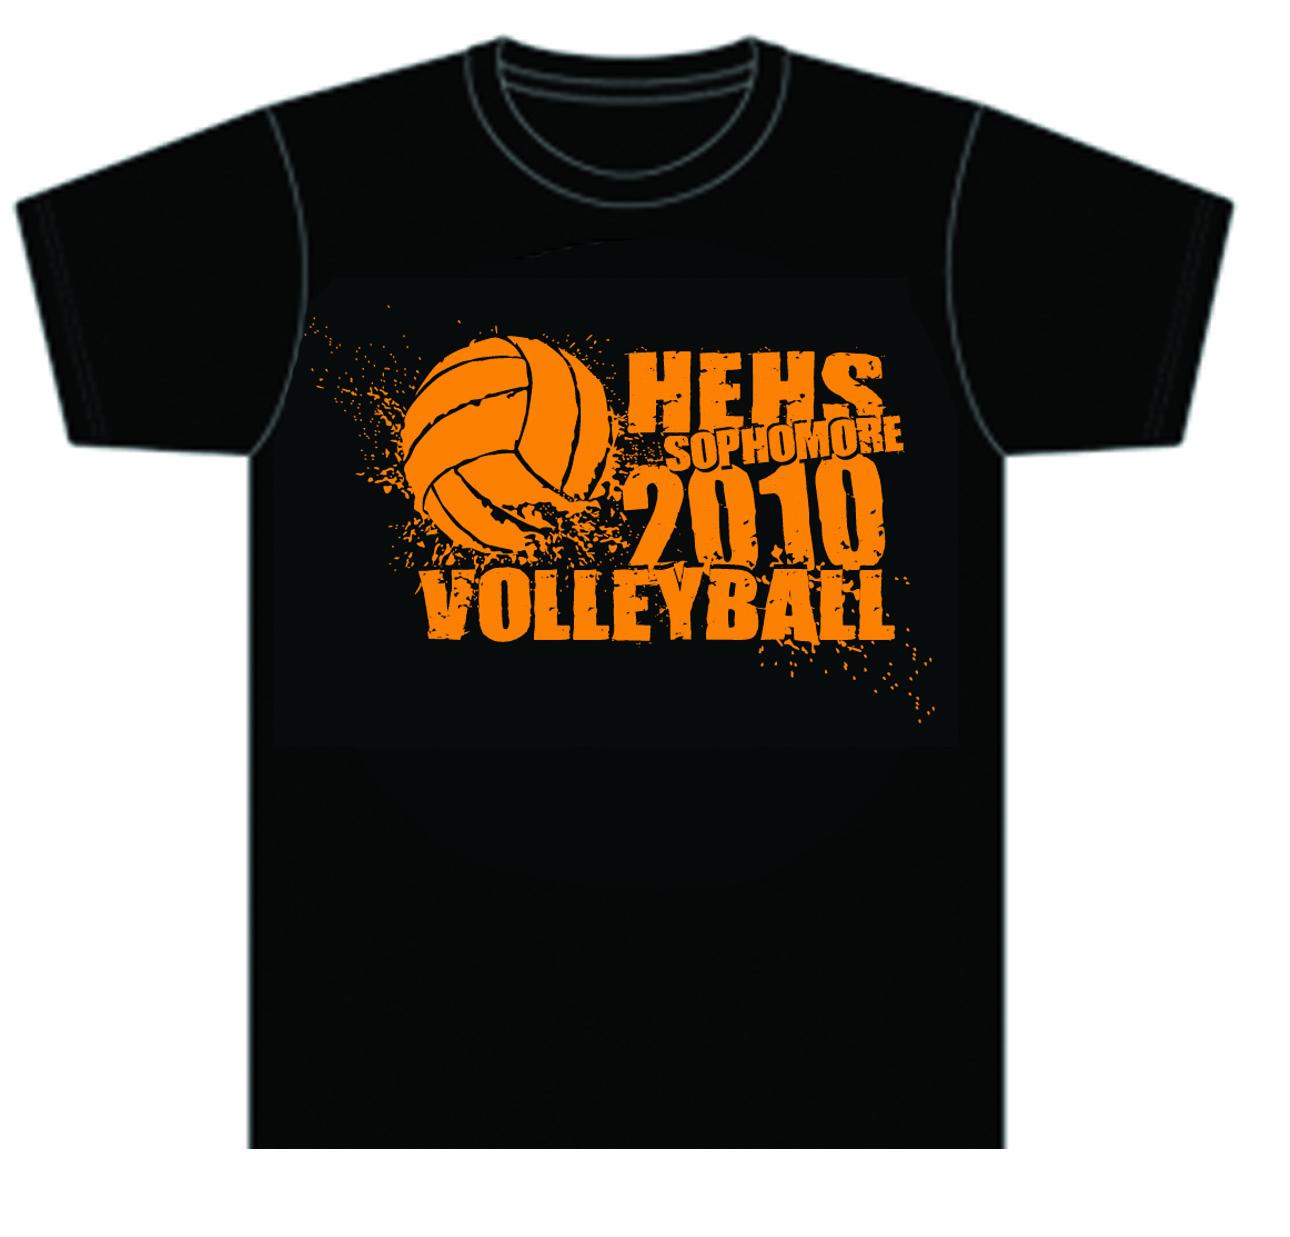 high school t shirt design ideas t shirt design ideas 2014 design a softball t shirt - Softball Jersey Design Ideas